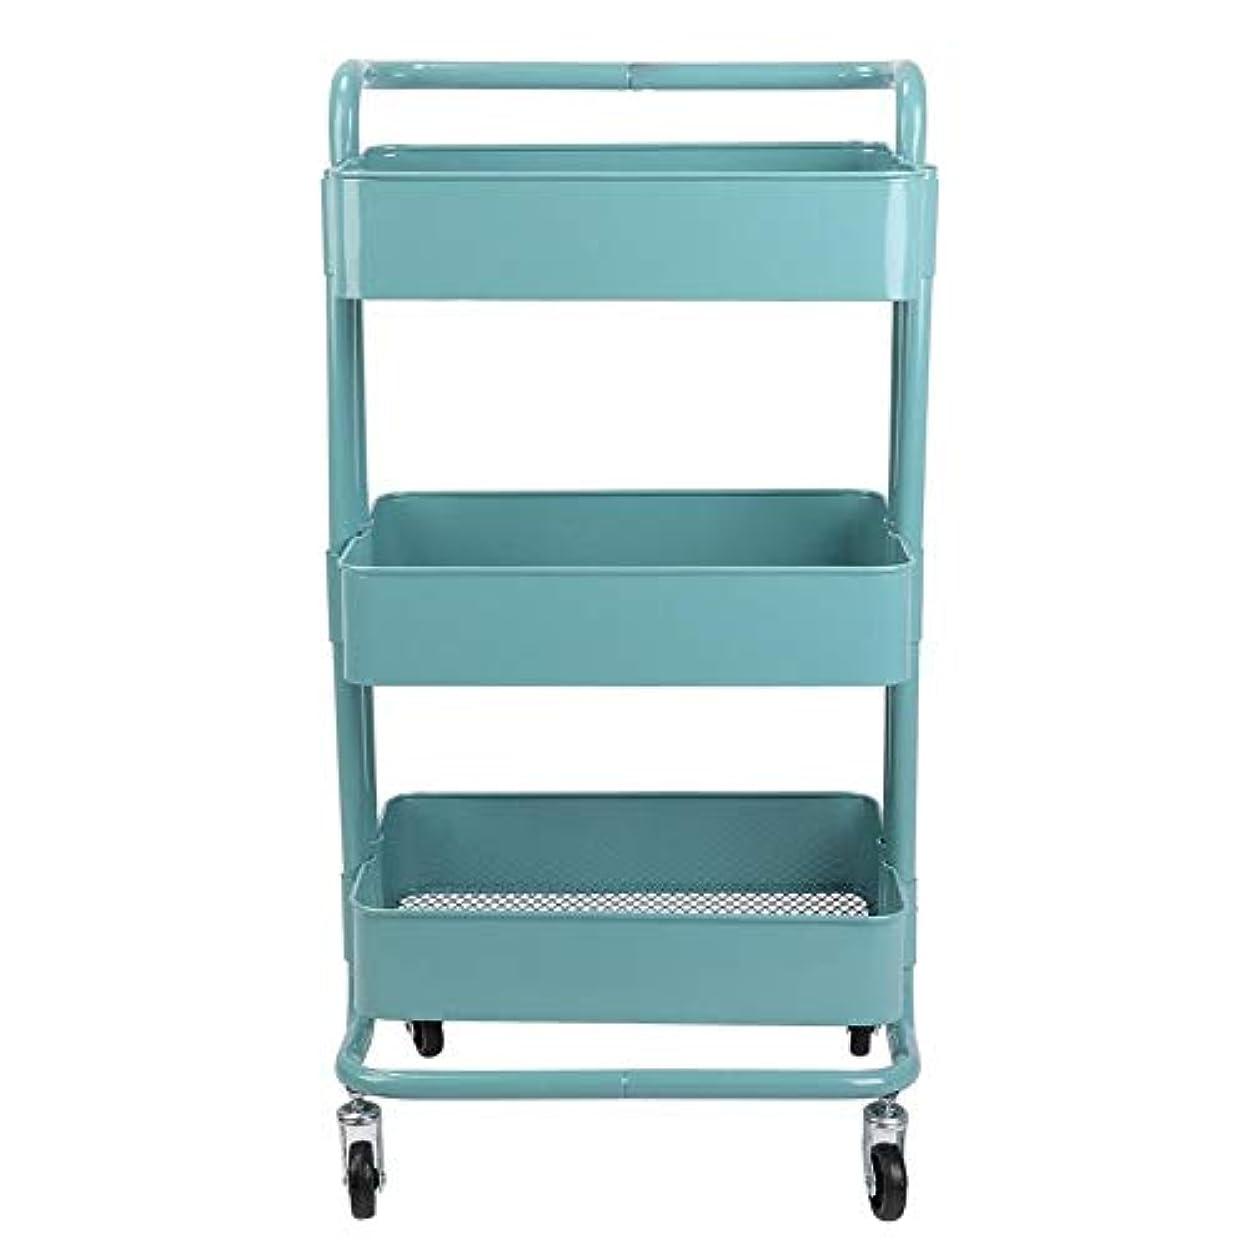 新鮮な信頼性仕様トロリーカート、3つの層の金属の車輪の貯蔵の棚は美容院のために移動可能です